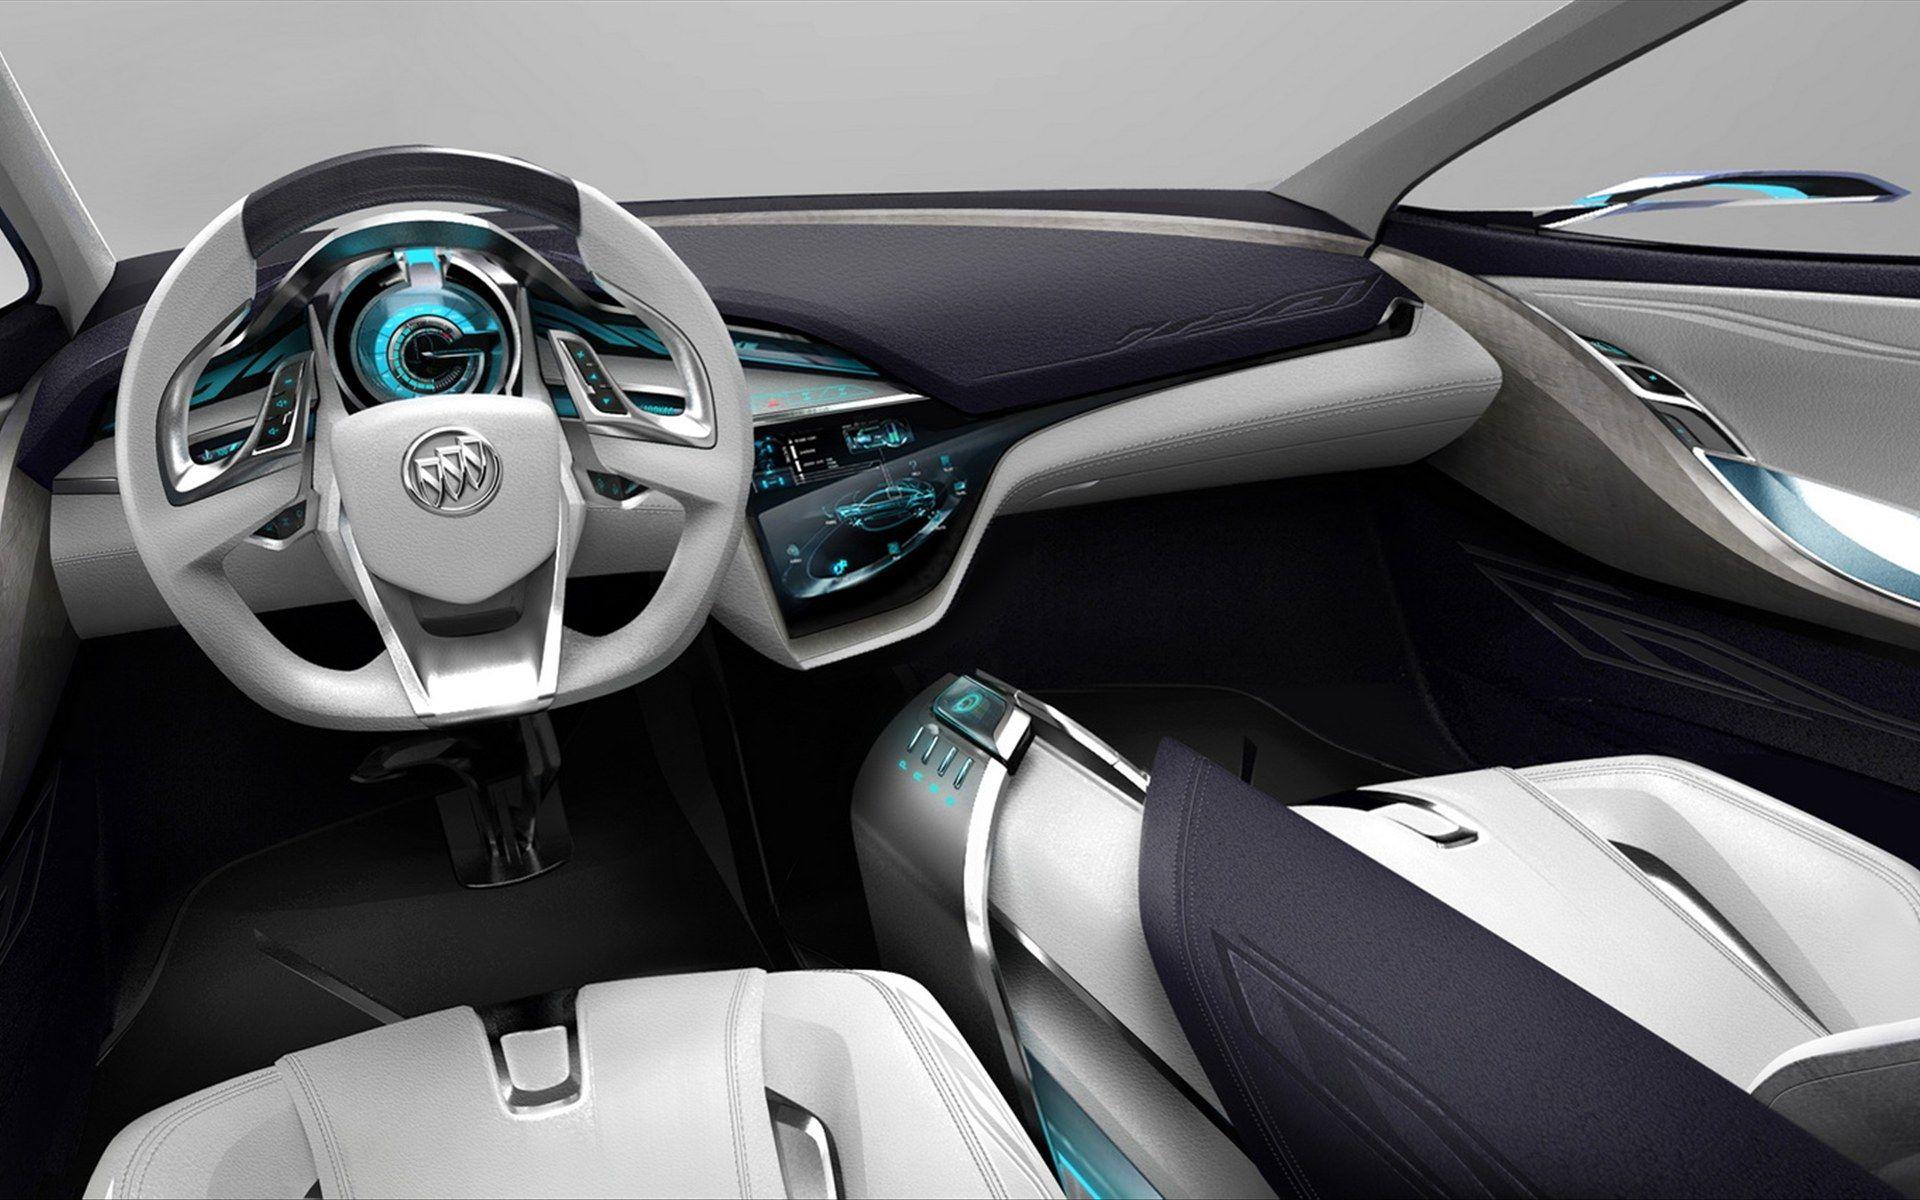 Car interior photos - Concept Car Interior Google Search